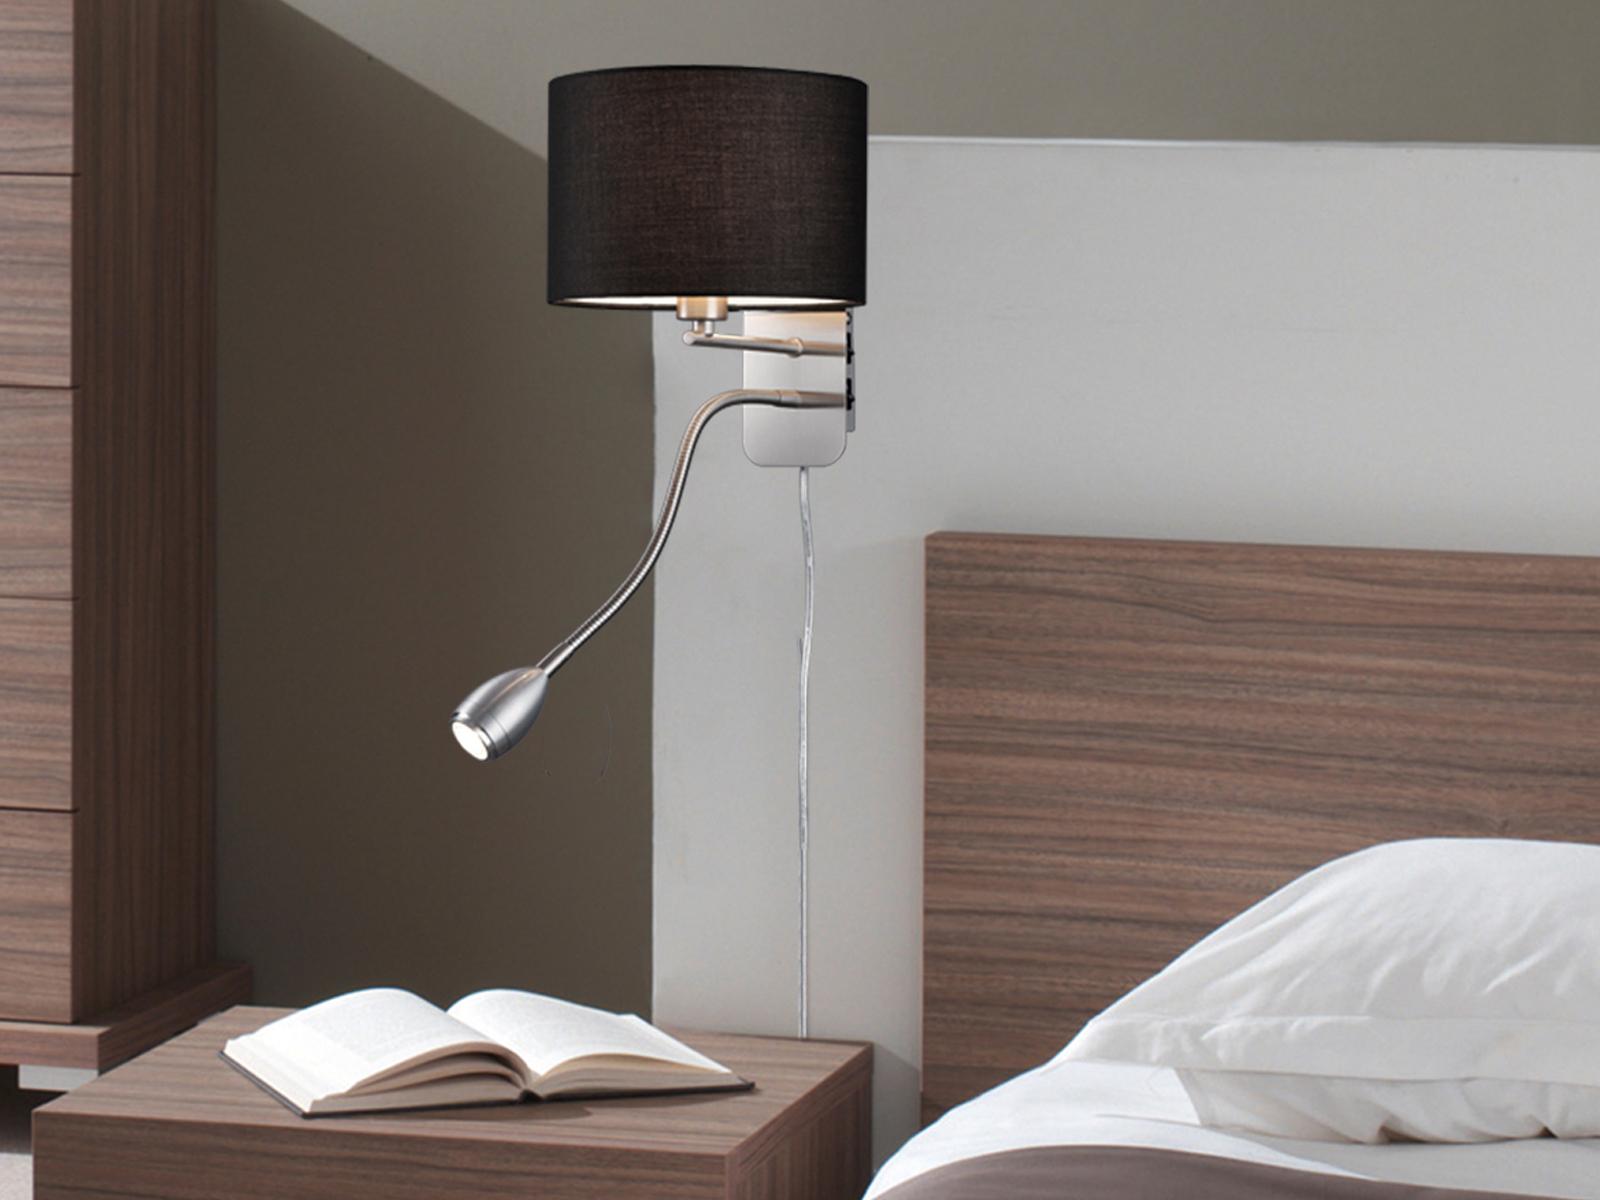 Lampada da parete con tessuto ombrello nero Ø 20cm 20cm 20cm e14